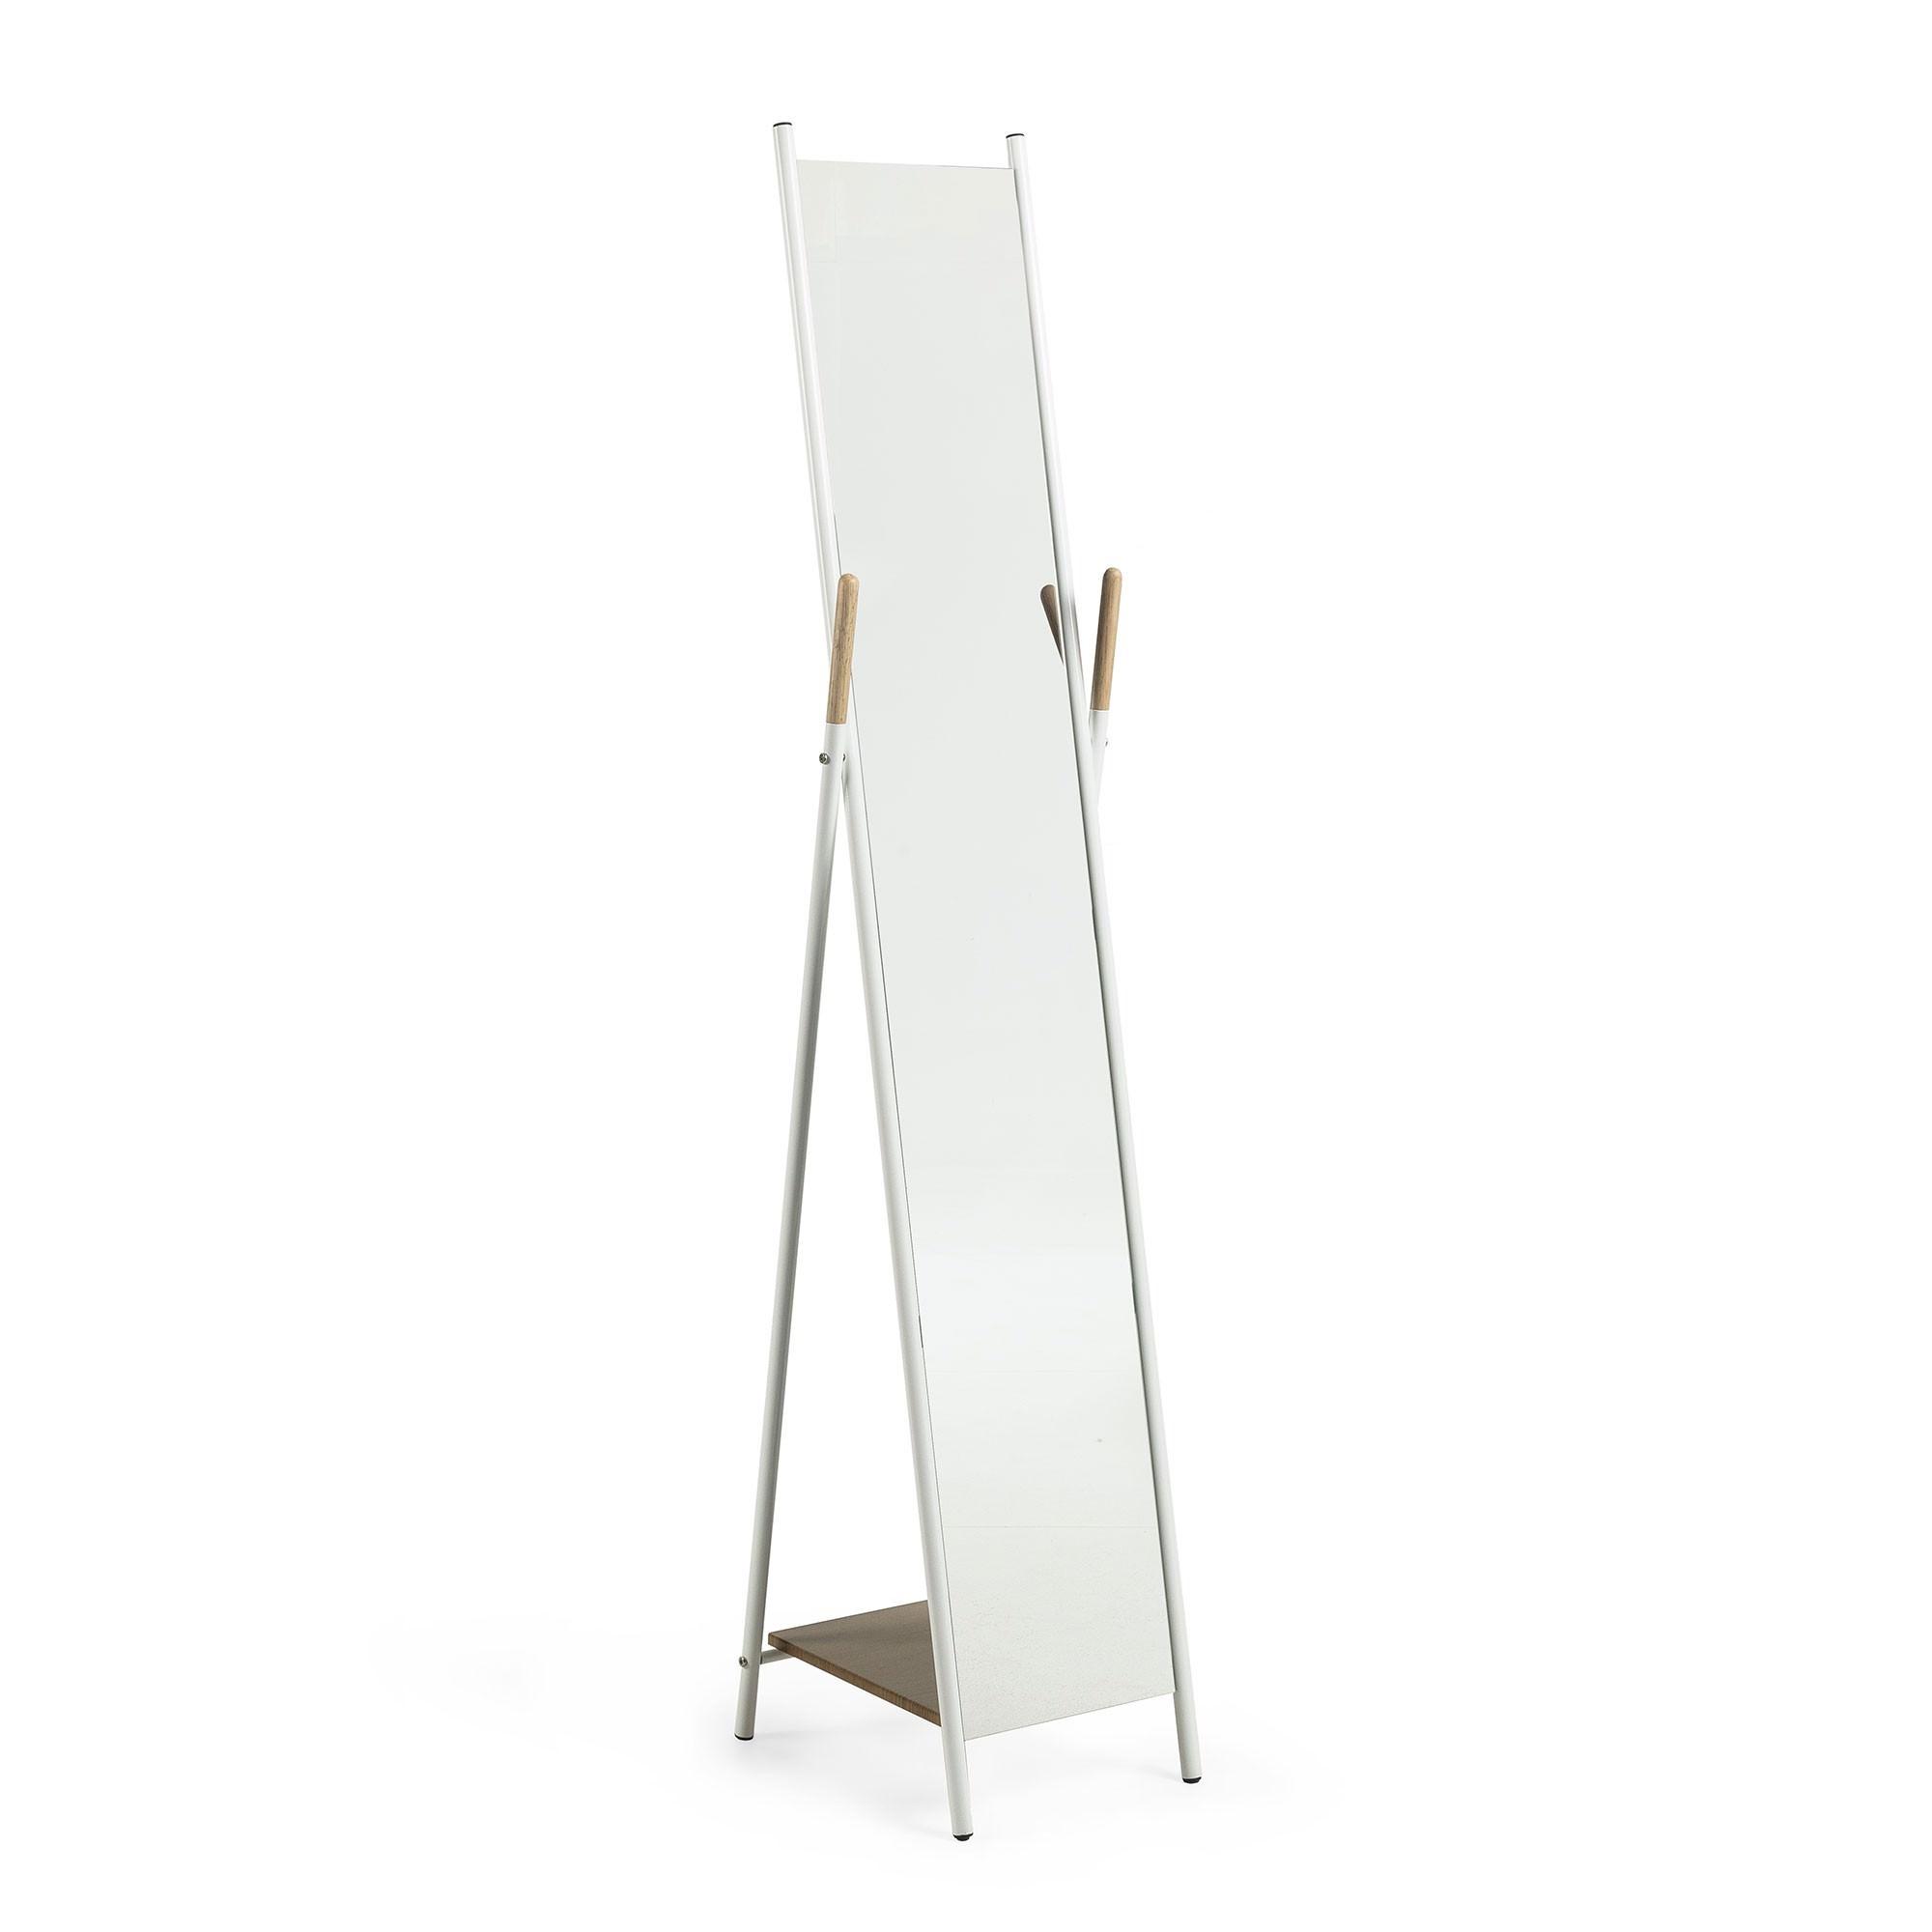 Harvir Metal Frame Cheval Floor Mirror, 159Cm